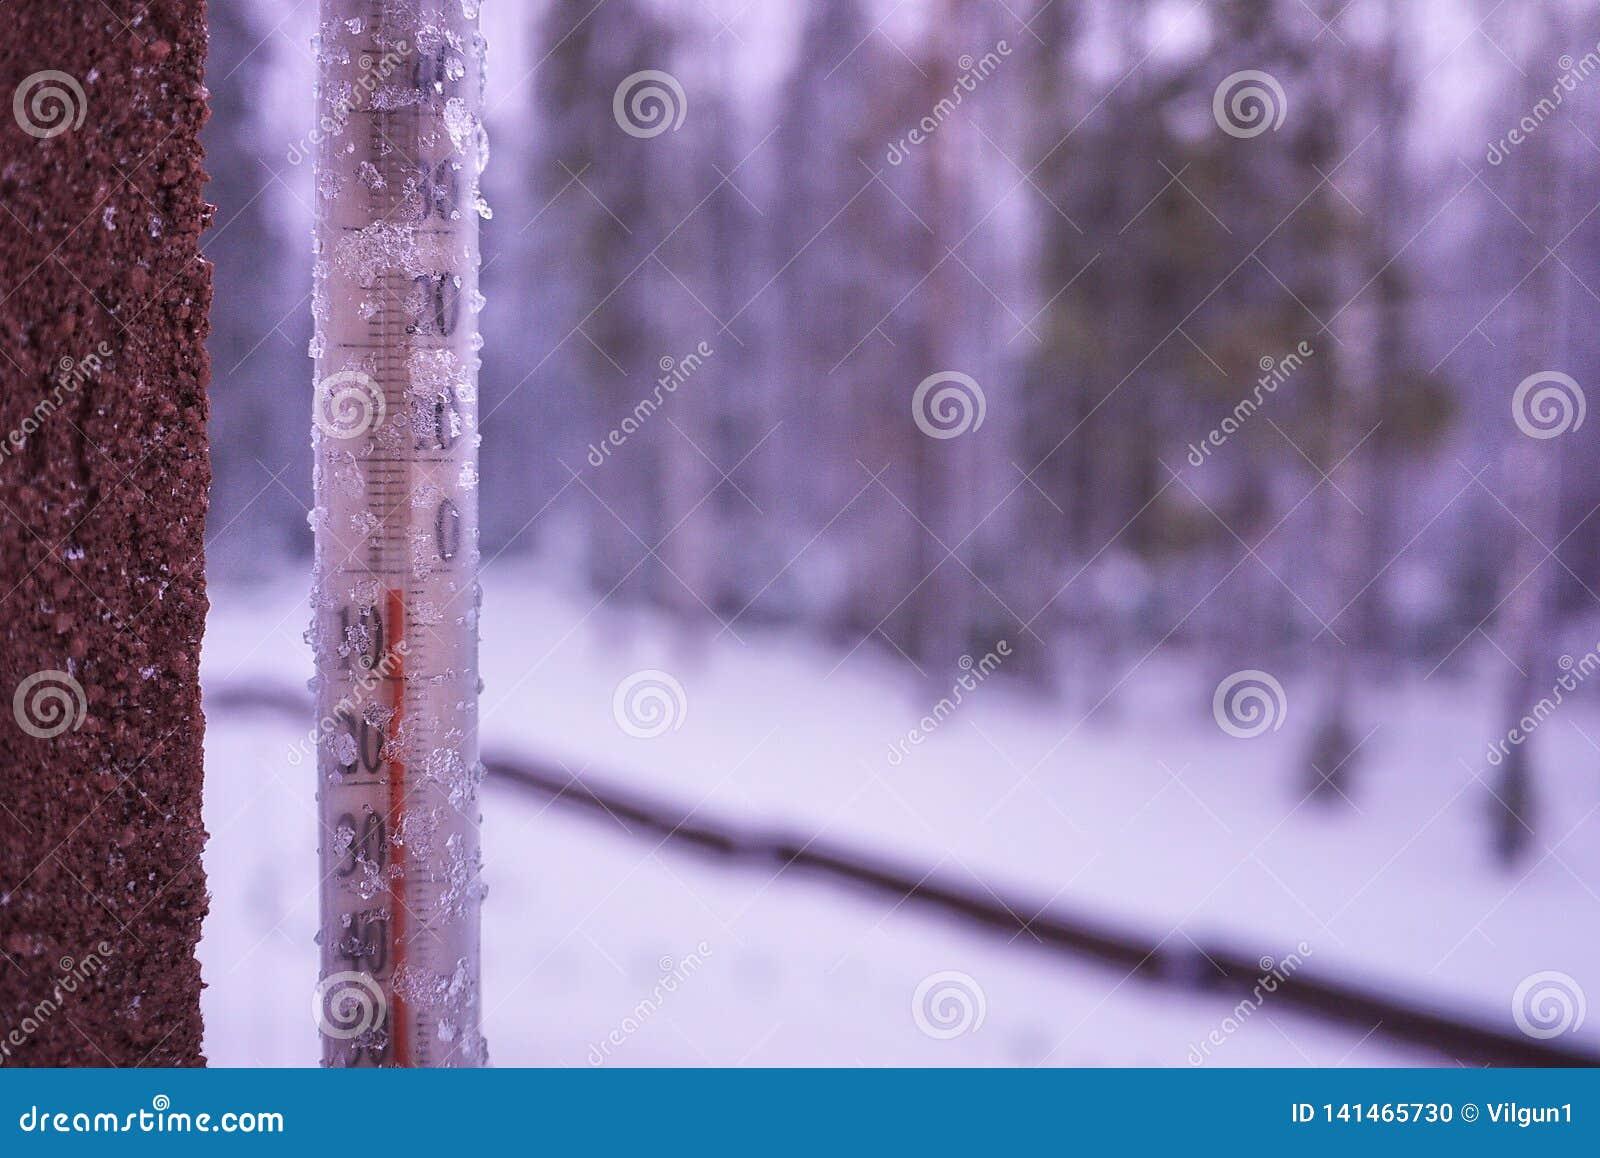 De thermometer op een koude dag of hete dag meet de temperatuur Analoge thermometer